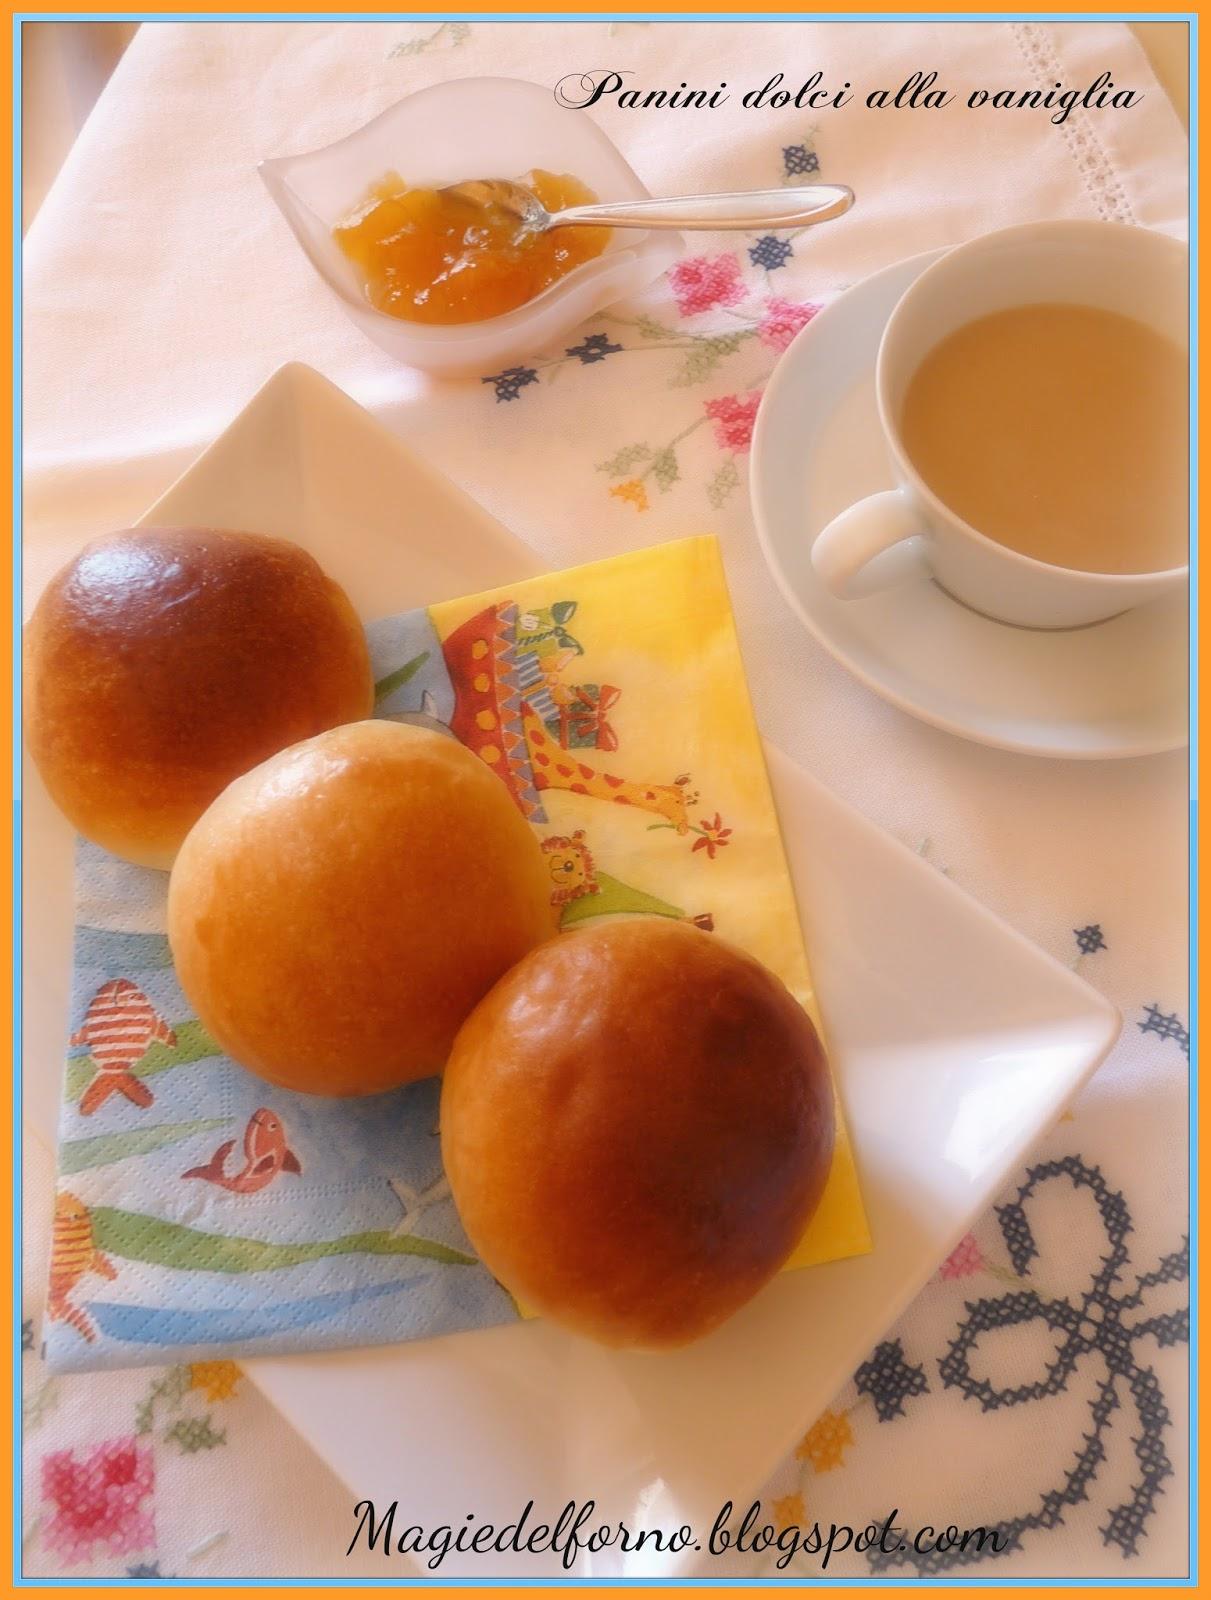 panini dolci alla vaniglia